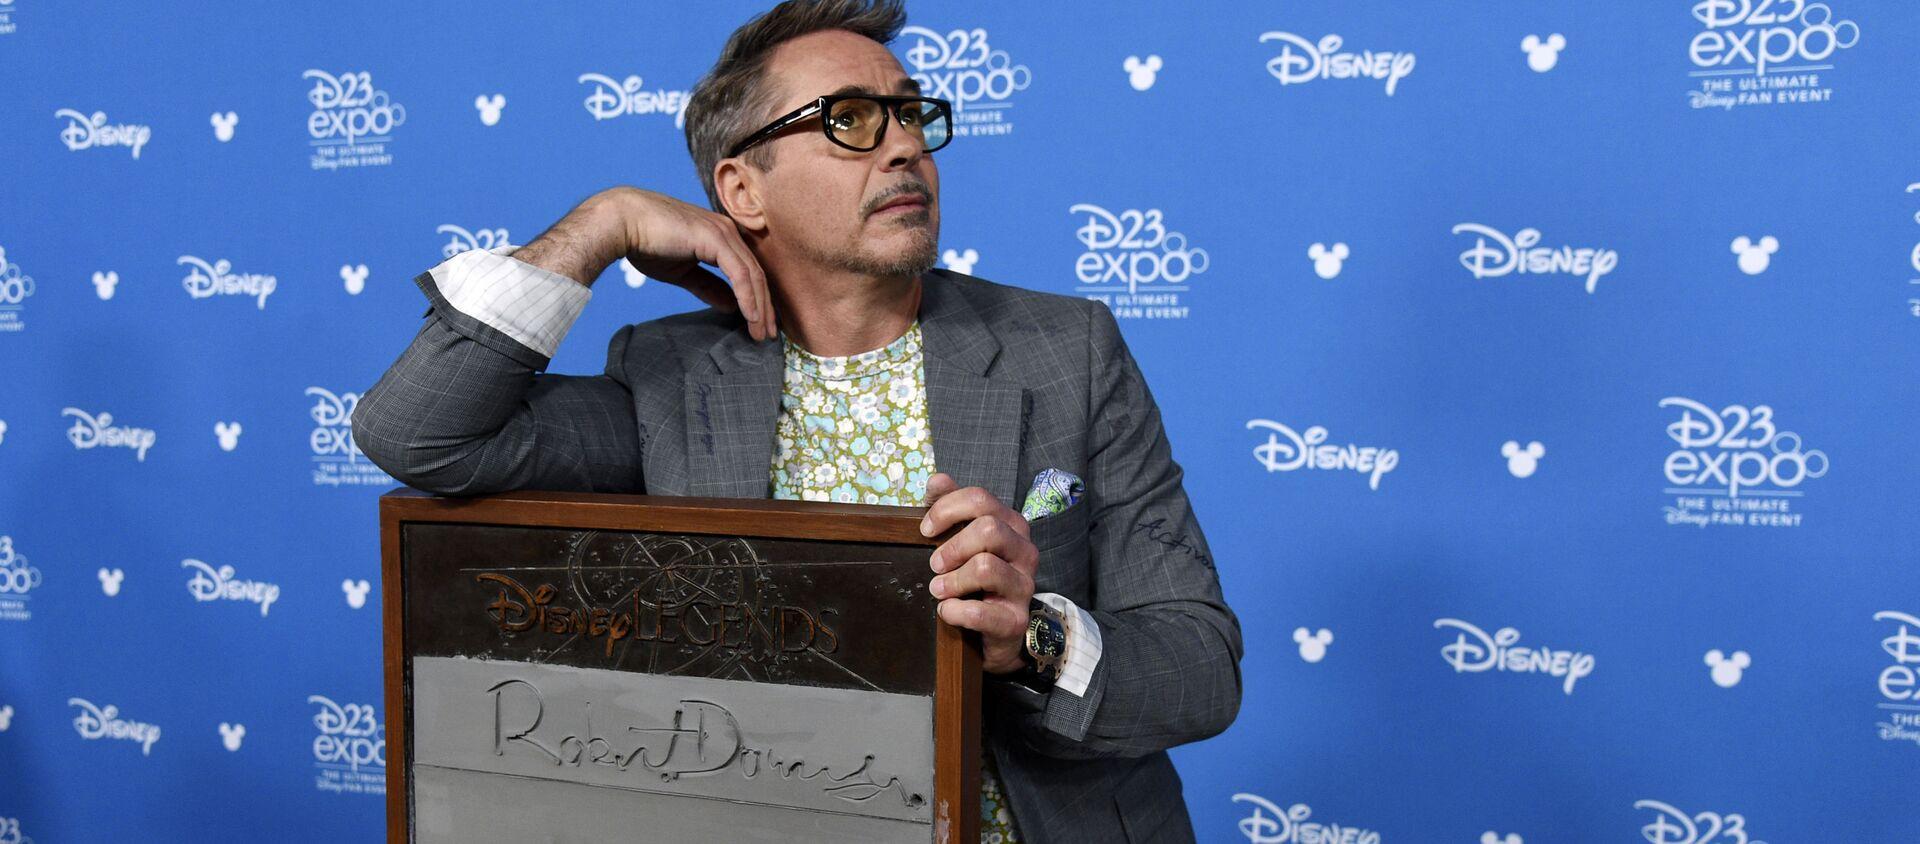 """Aktor Robert Downey Jr podczas wręczenia nagrody """"Disney Legends"""" - Sputnik Polska, 1920, 12.03.2021"""